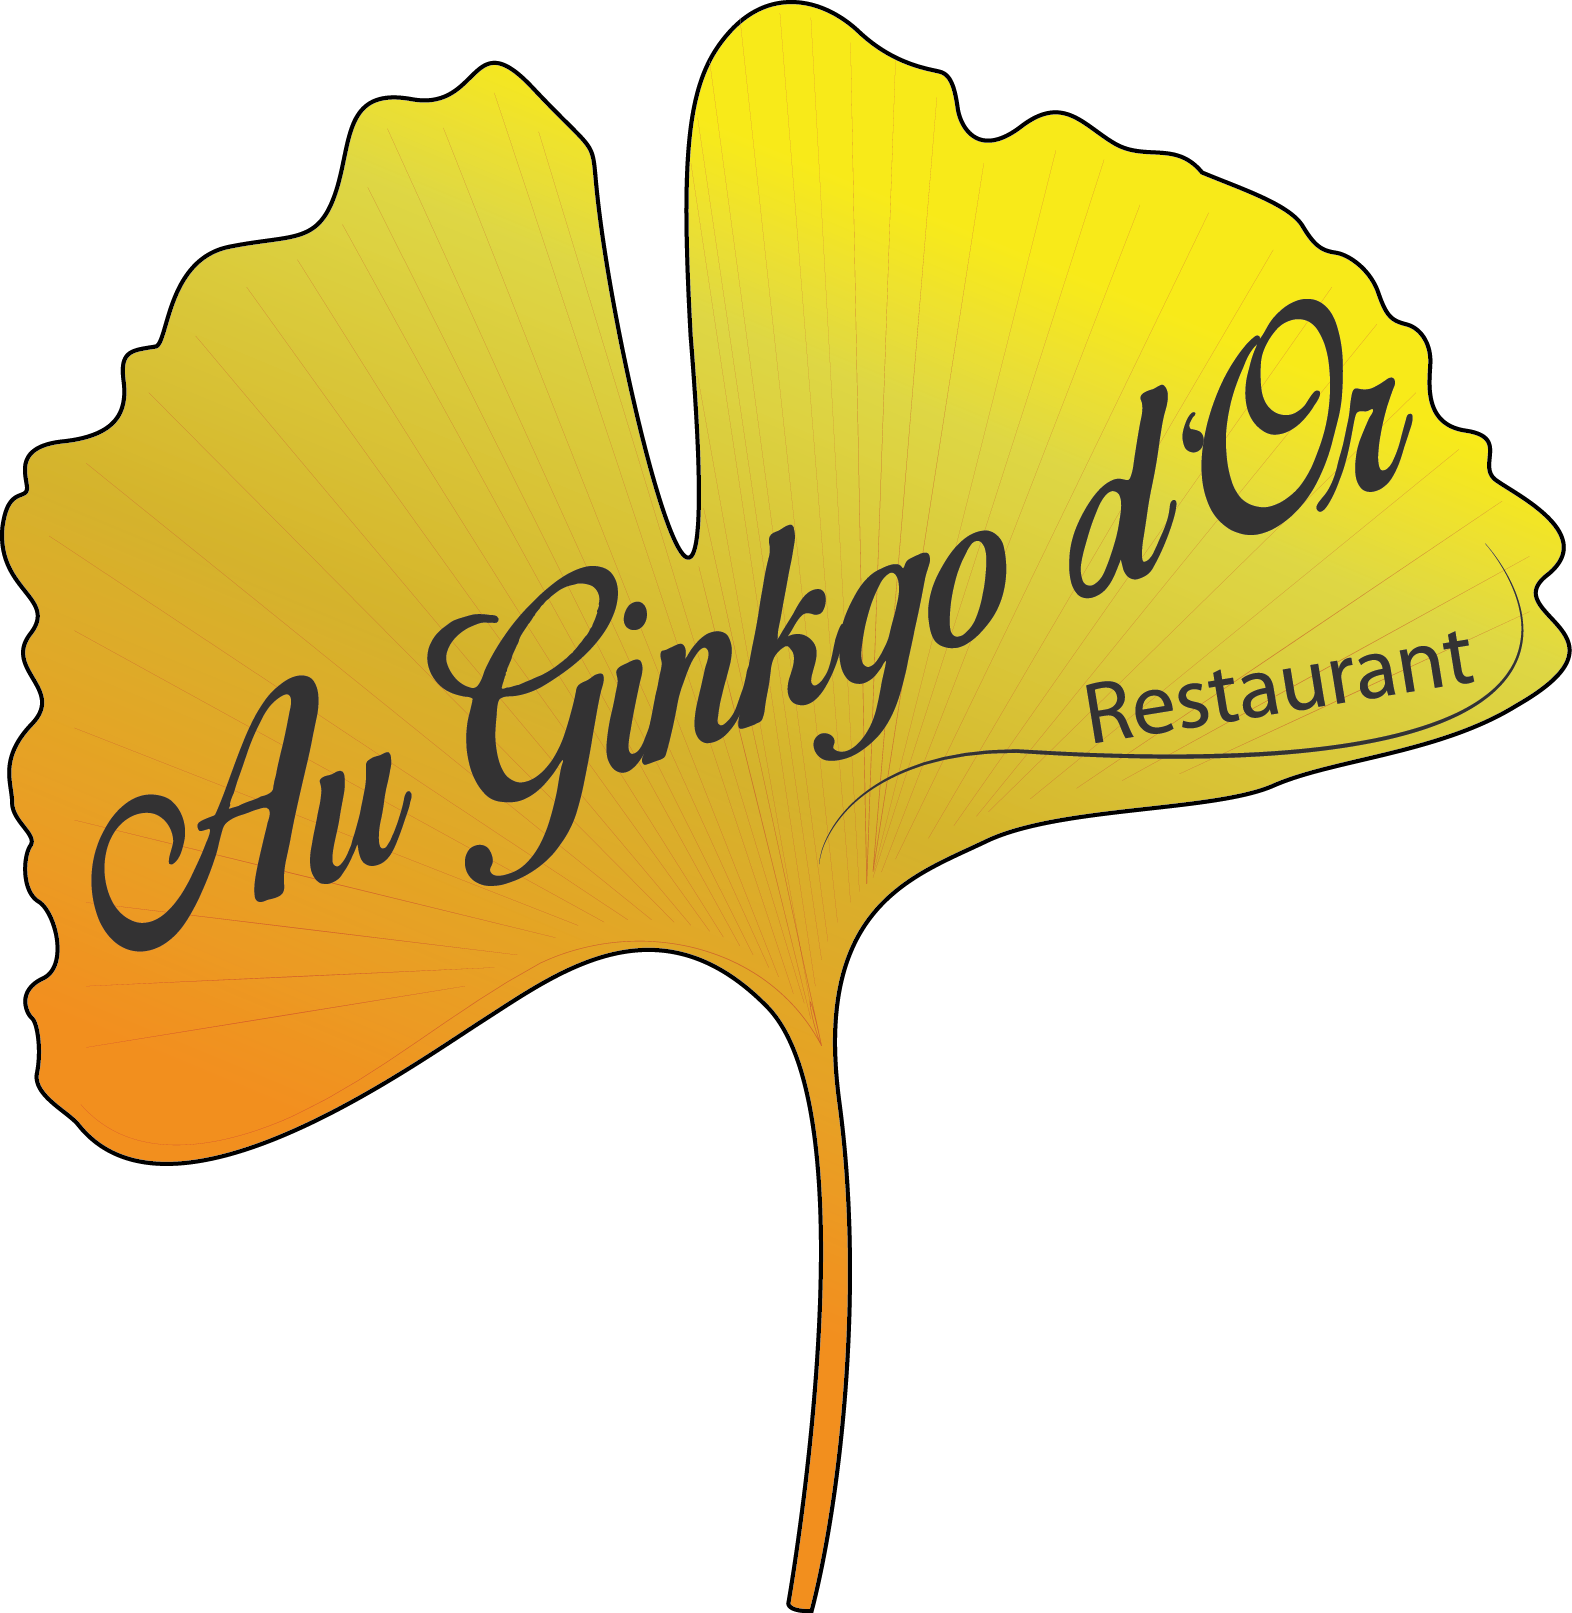 AU GINKGO D'OR